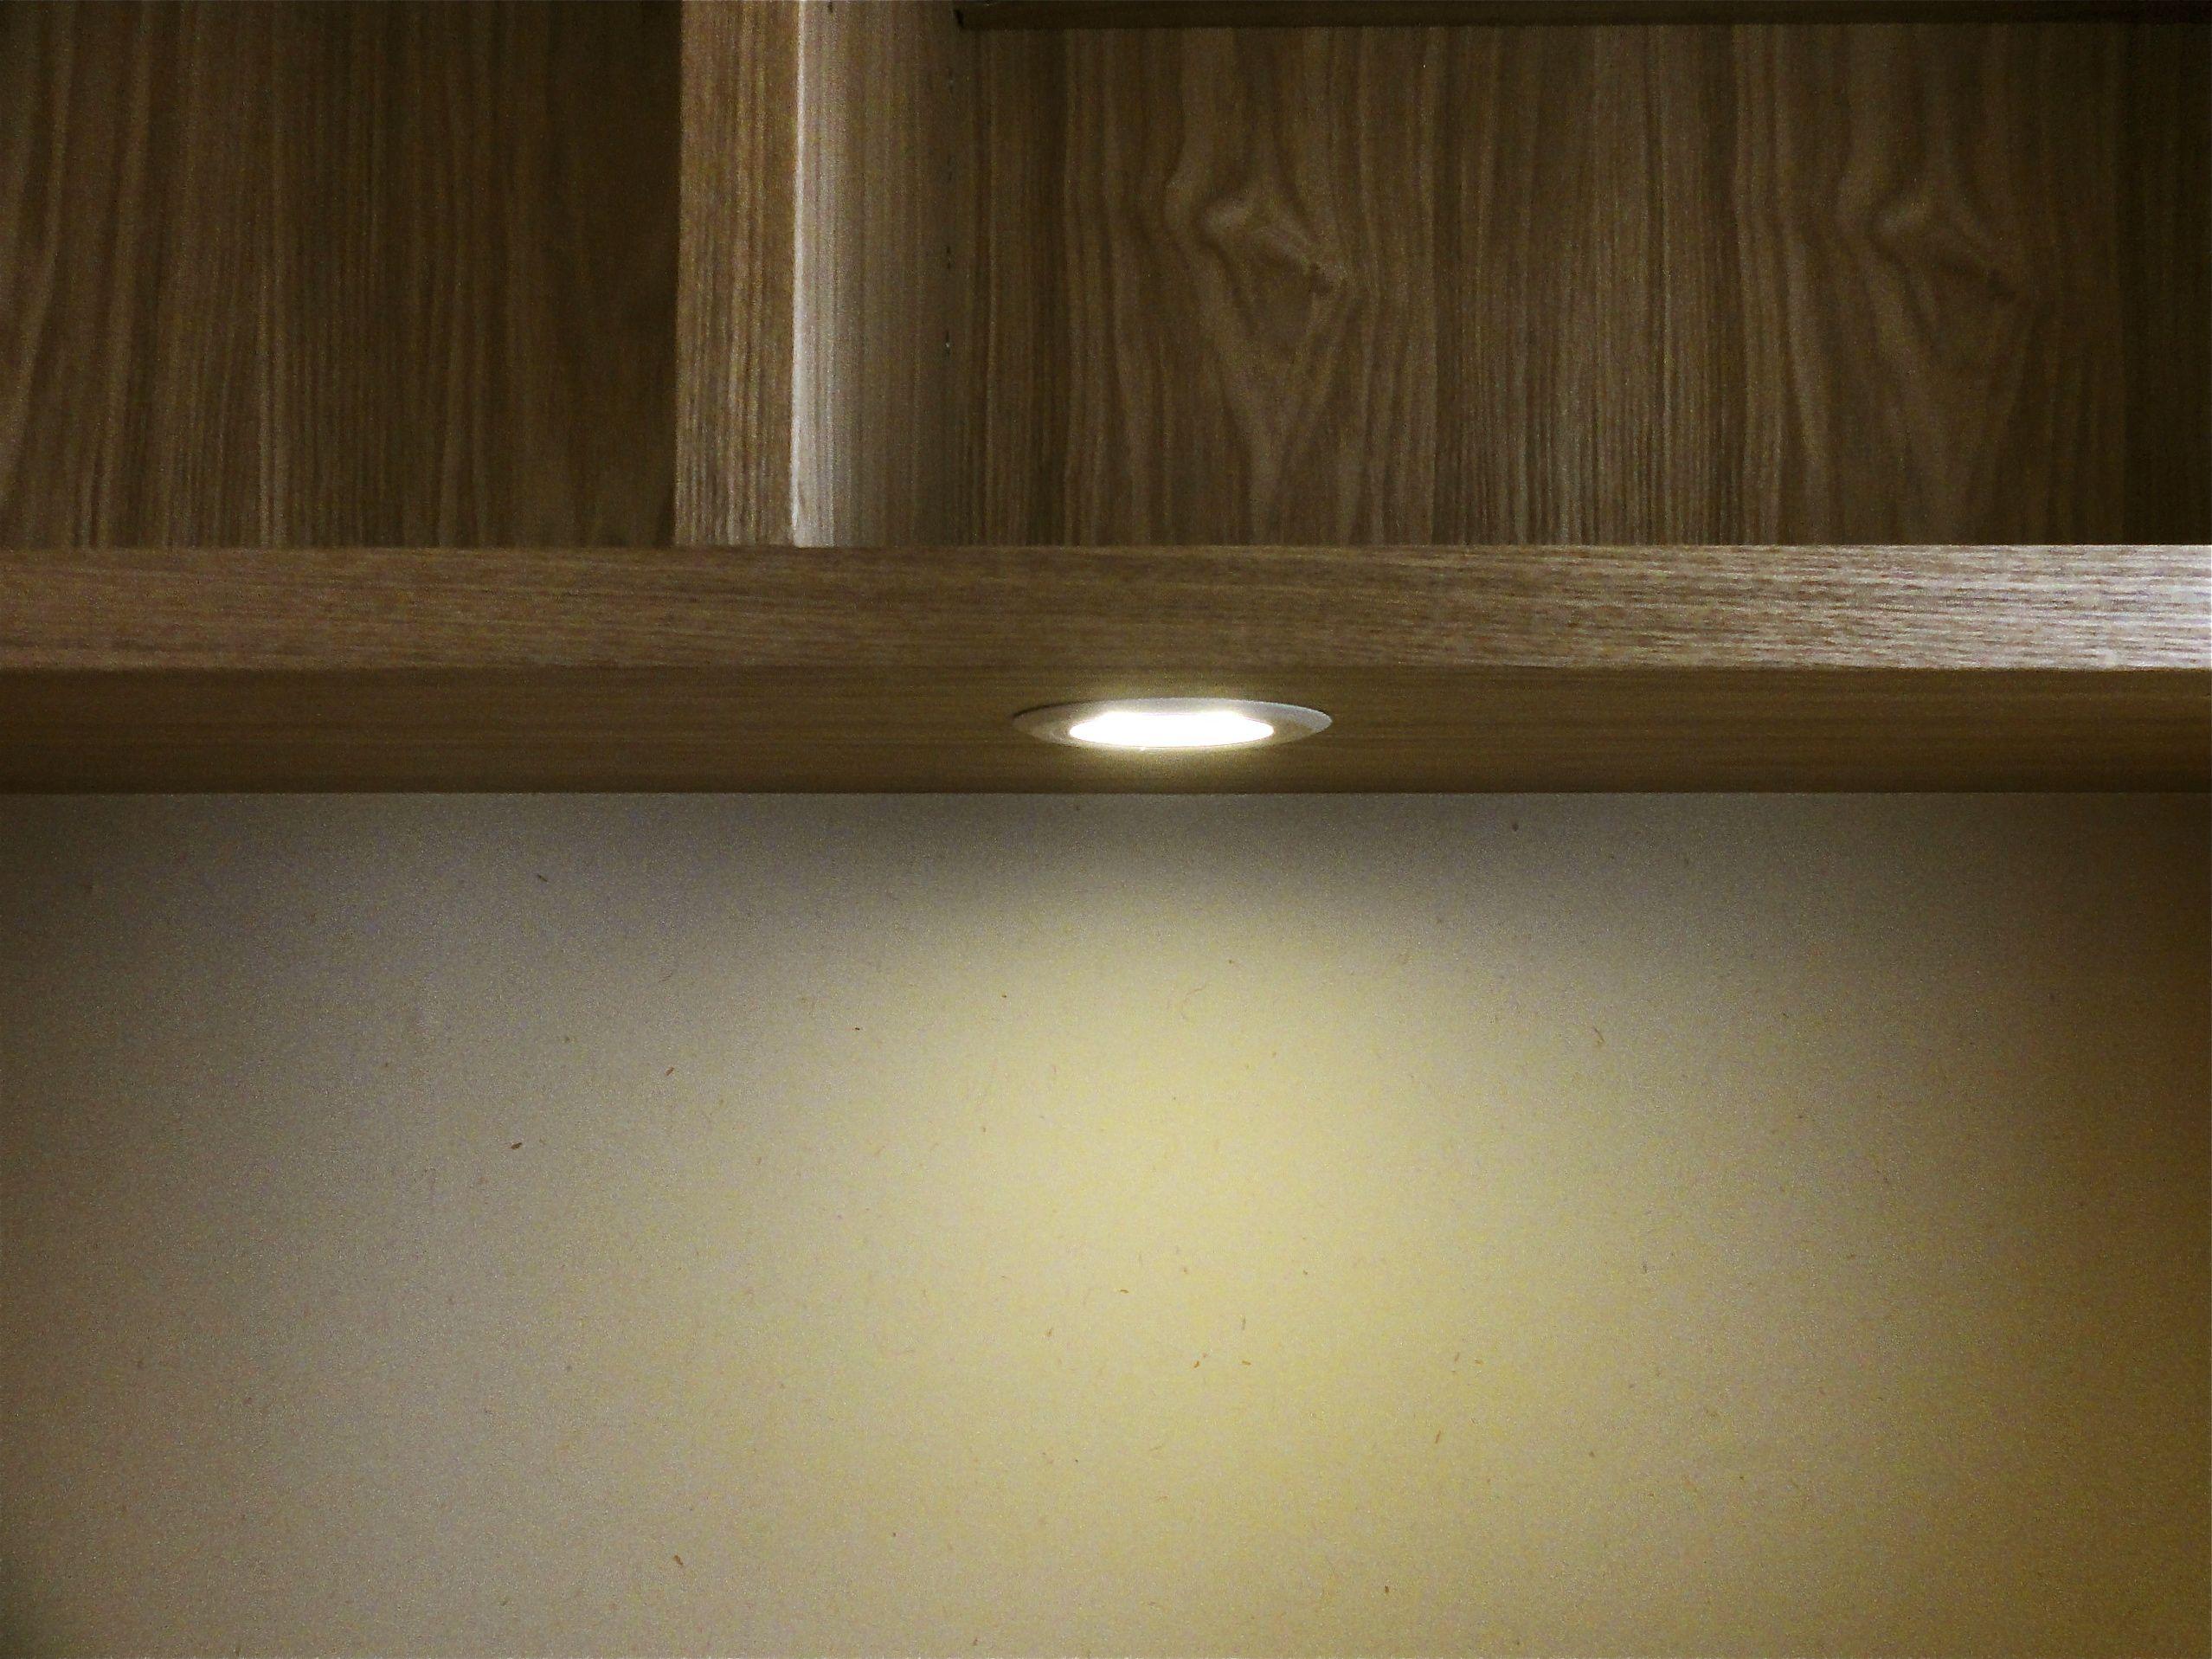 超薄型ダウンライトです なんと20mmの板材にすっぽり収まる薄さです